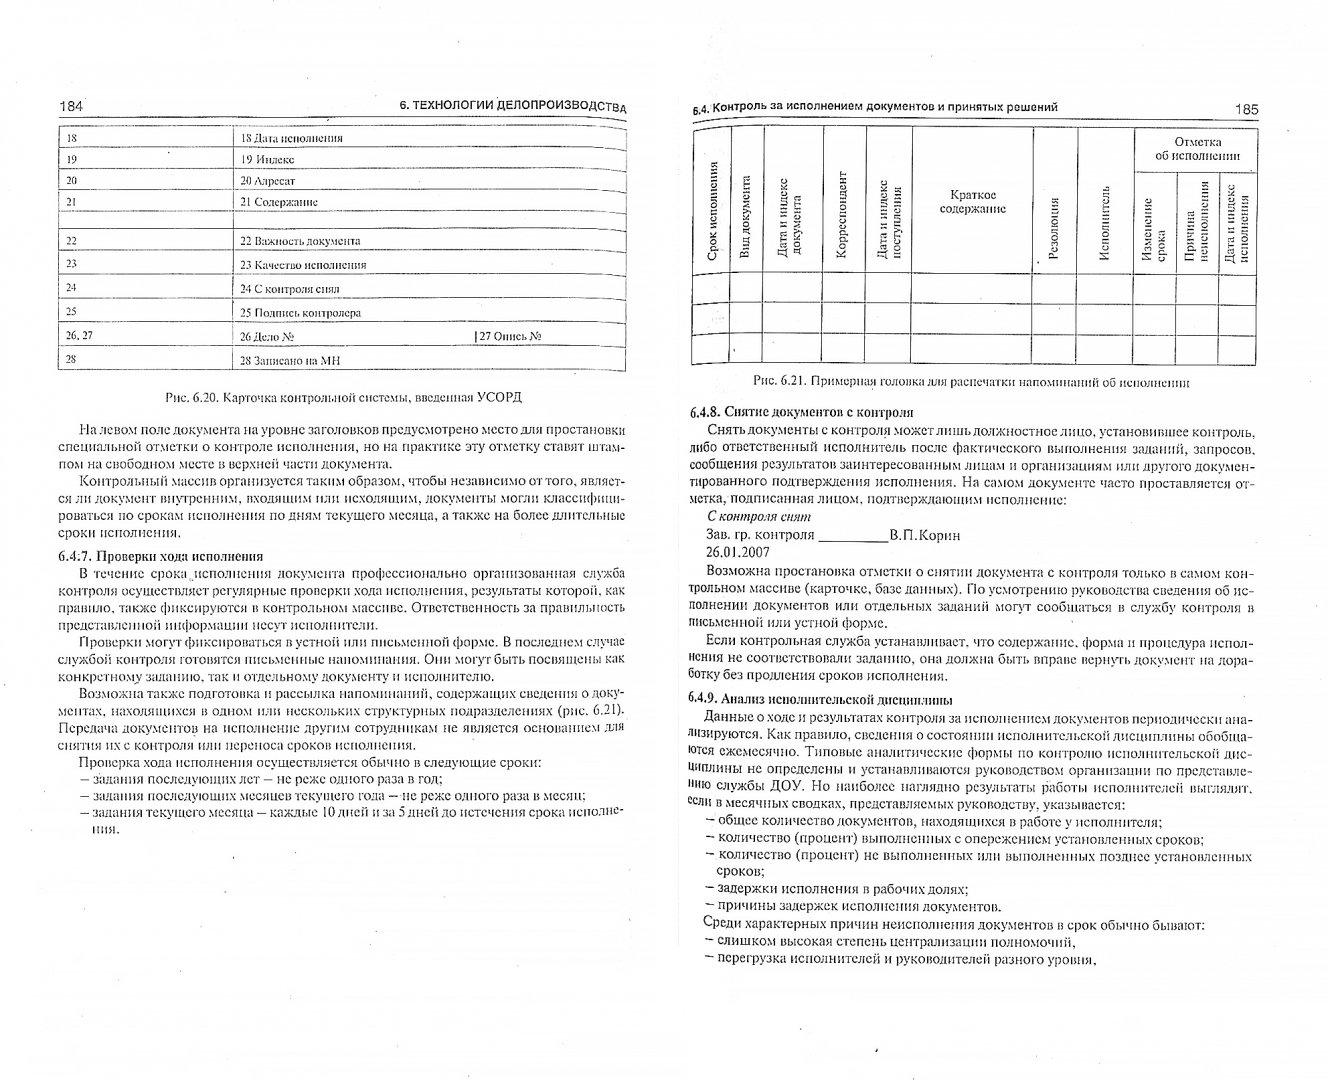 Иллюстрация 1 из 22 для Делопроизводство. Образцы, документы. Организация и технология работы. Более 120 документов - Галахов, Корнеев, Пшенко, Ксандопуло | Лабиринт - книги. Источник: Лабиринт